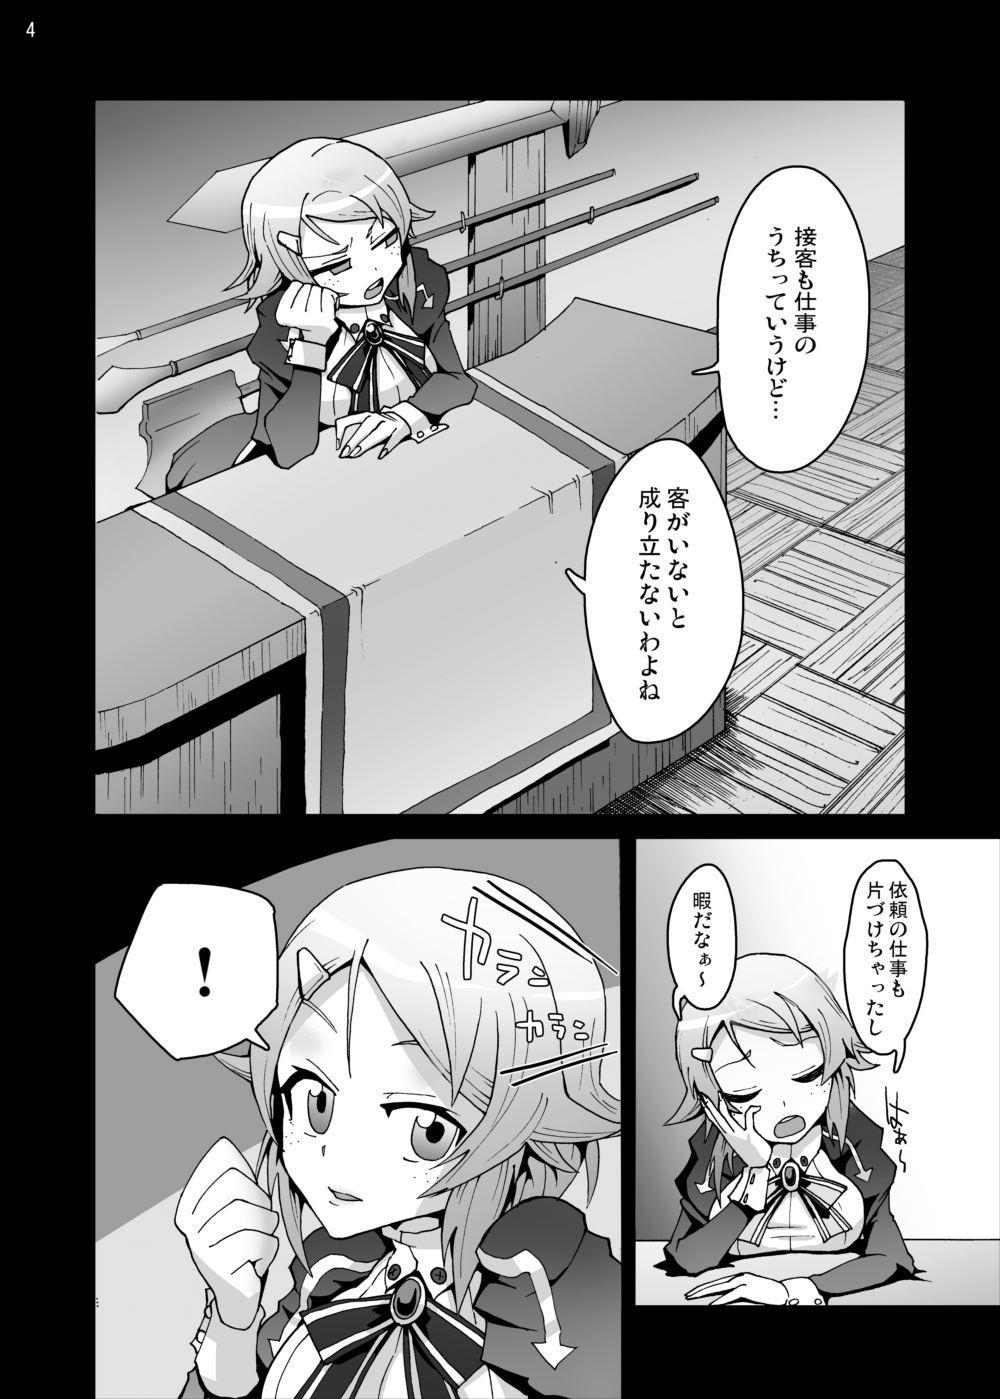 Lizbeth... Kirito ni wa Suterare, Kyaku ni wa Okasare Nakadashi Ninshin... Asuna to no Kakusa ga Hirogaru Online 2